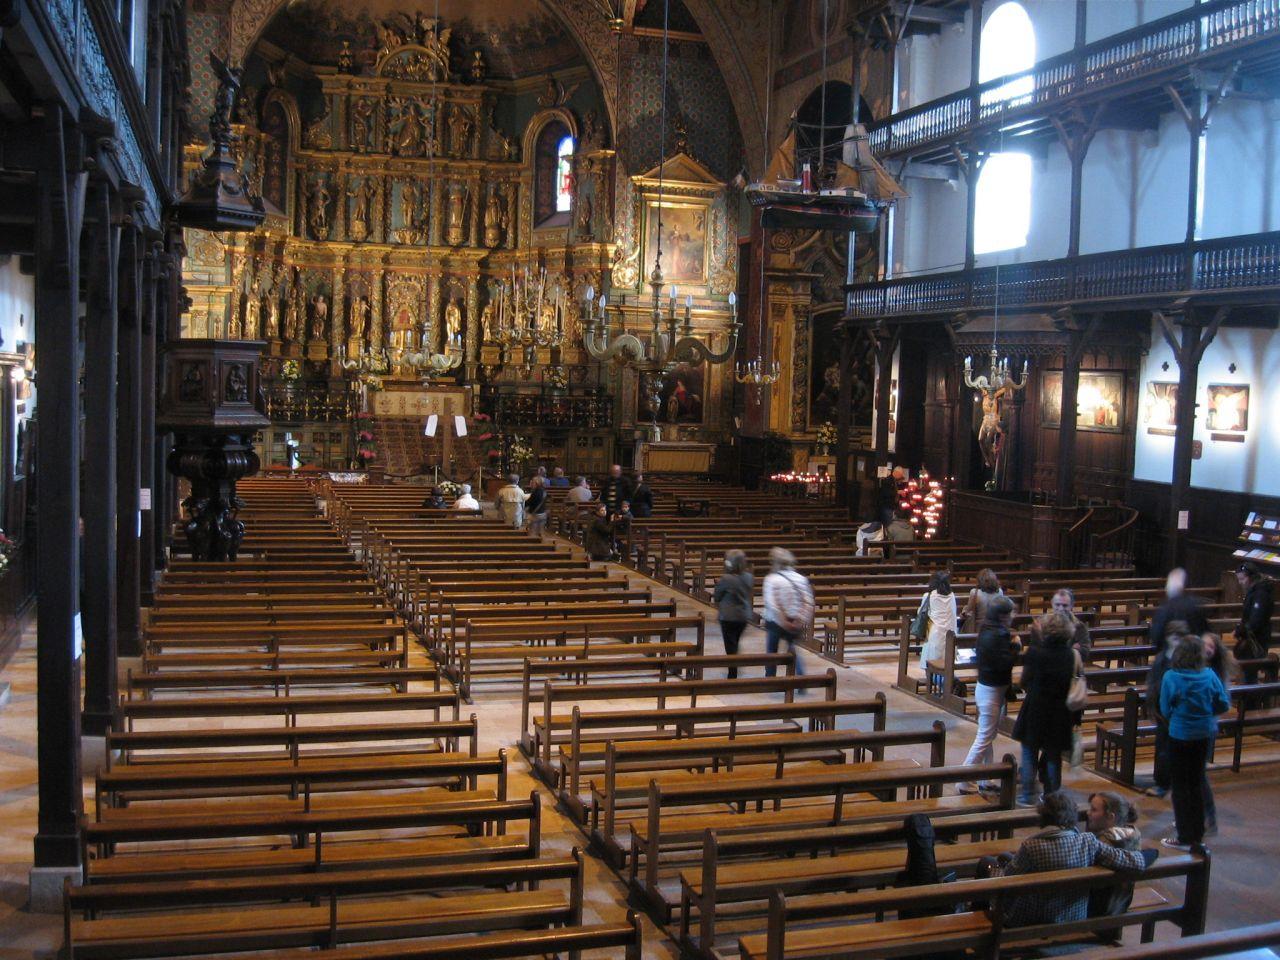 iglesia bautista francia: